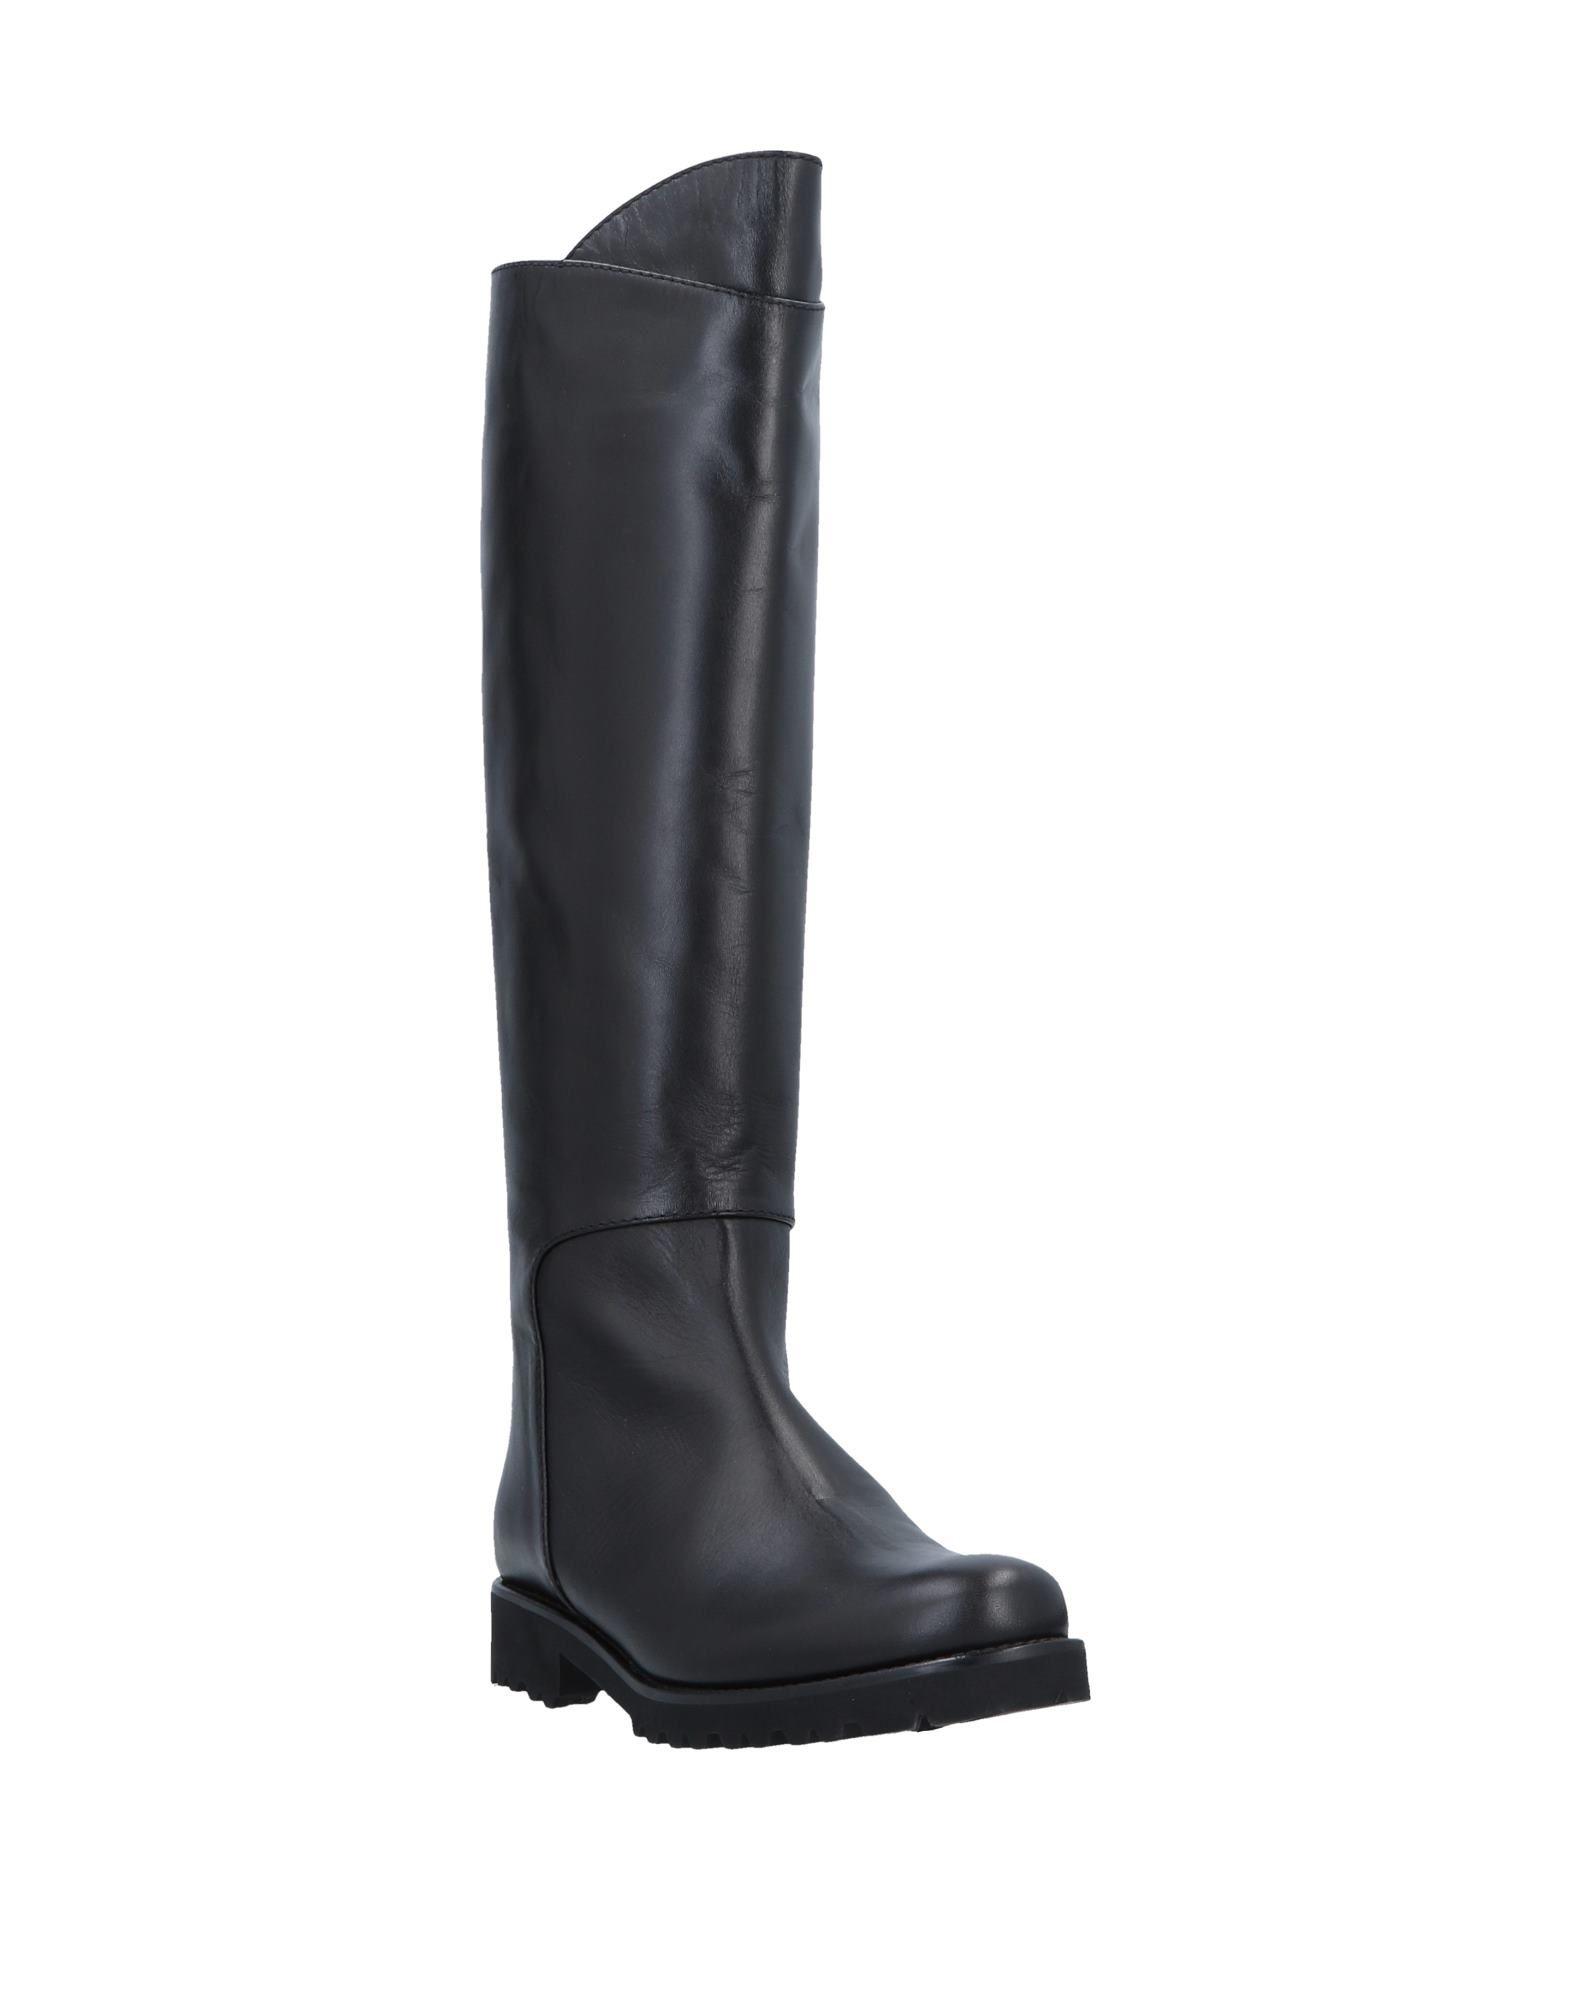 Peter Flowers Stiefel Damen Schuhe  11533319FQGut aussehende strapazierfähige Schuhe Damen 7d00a2